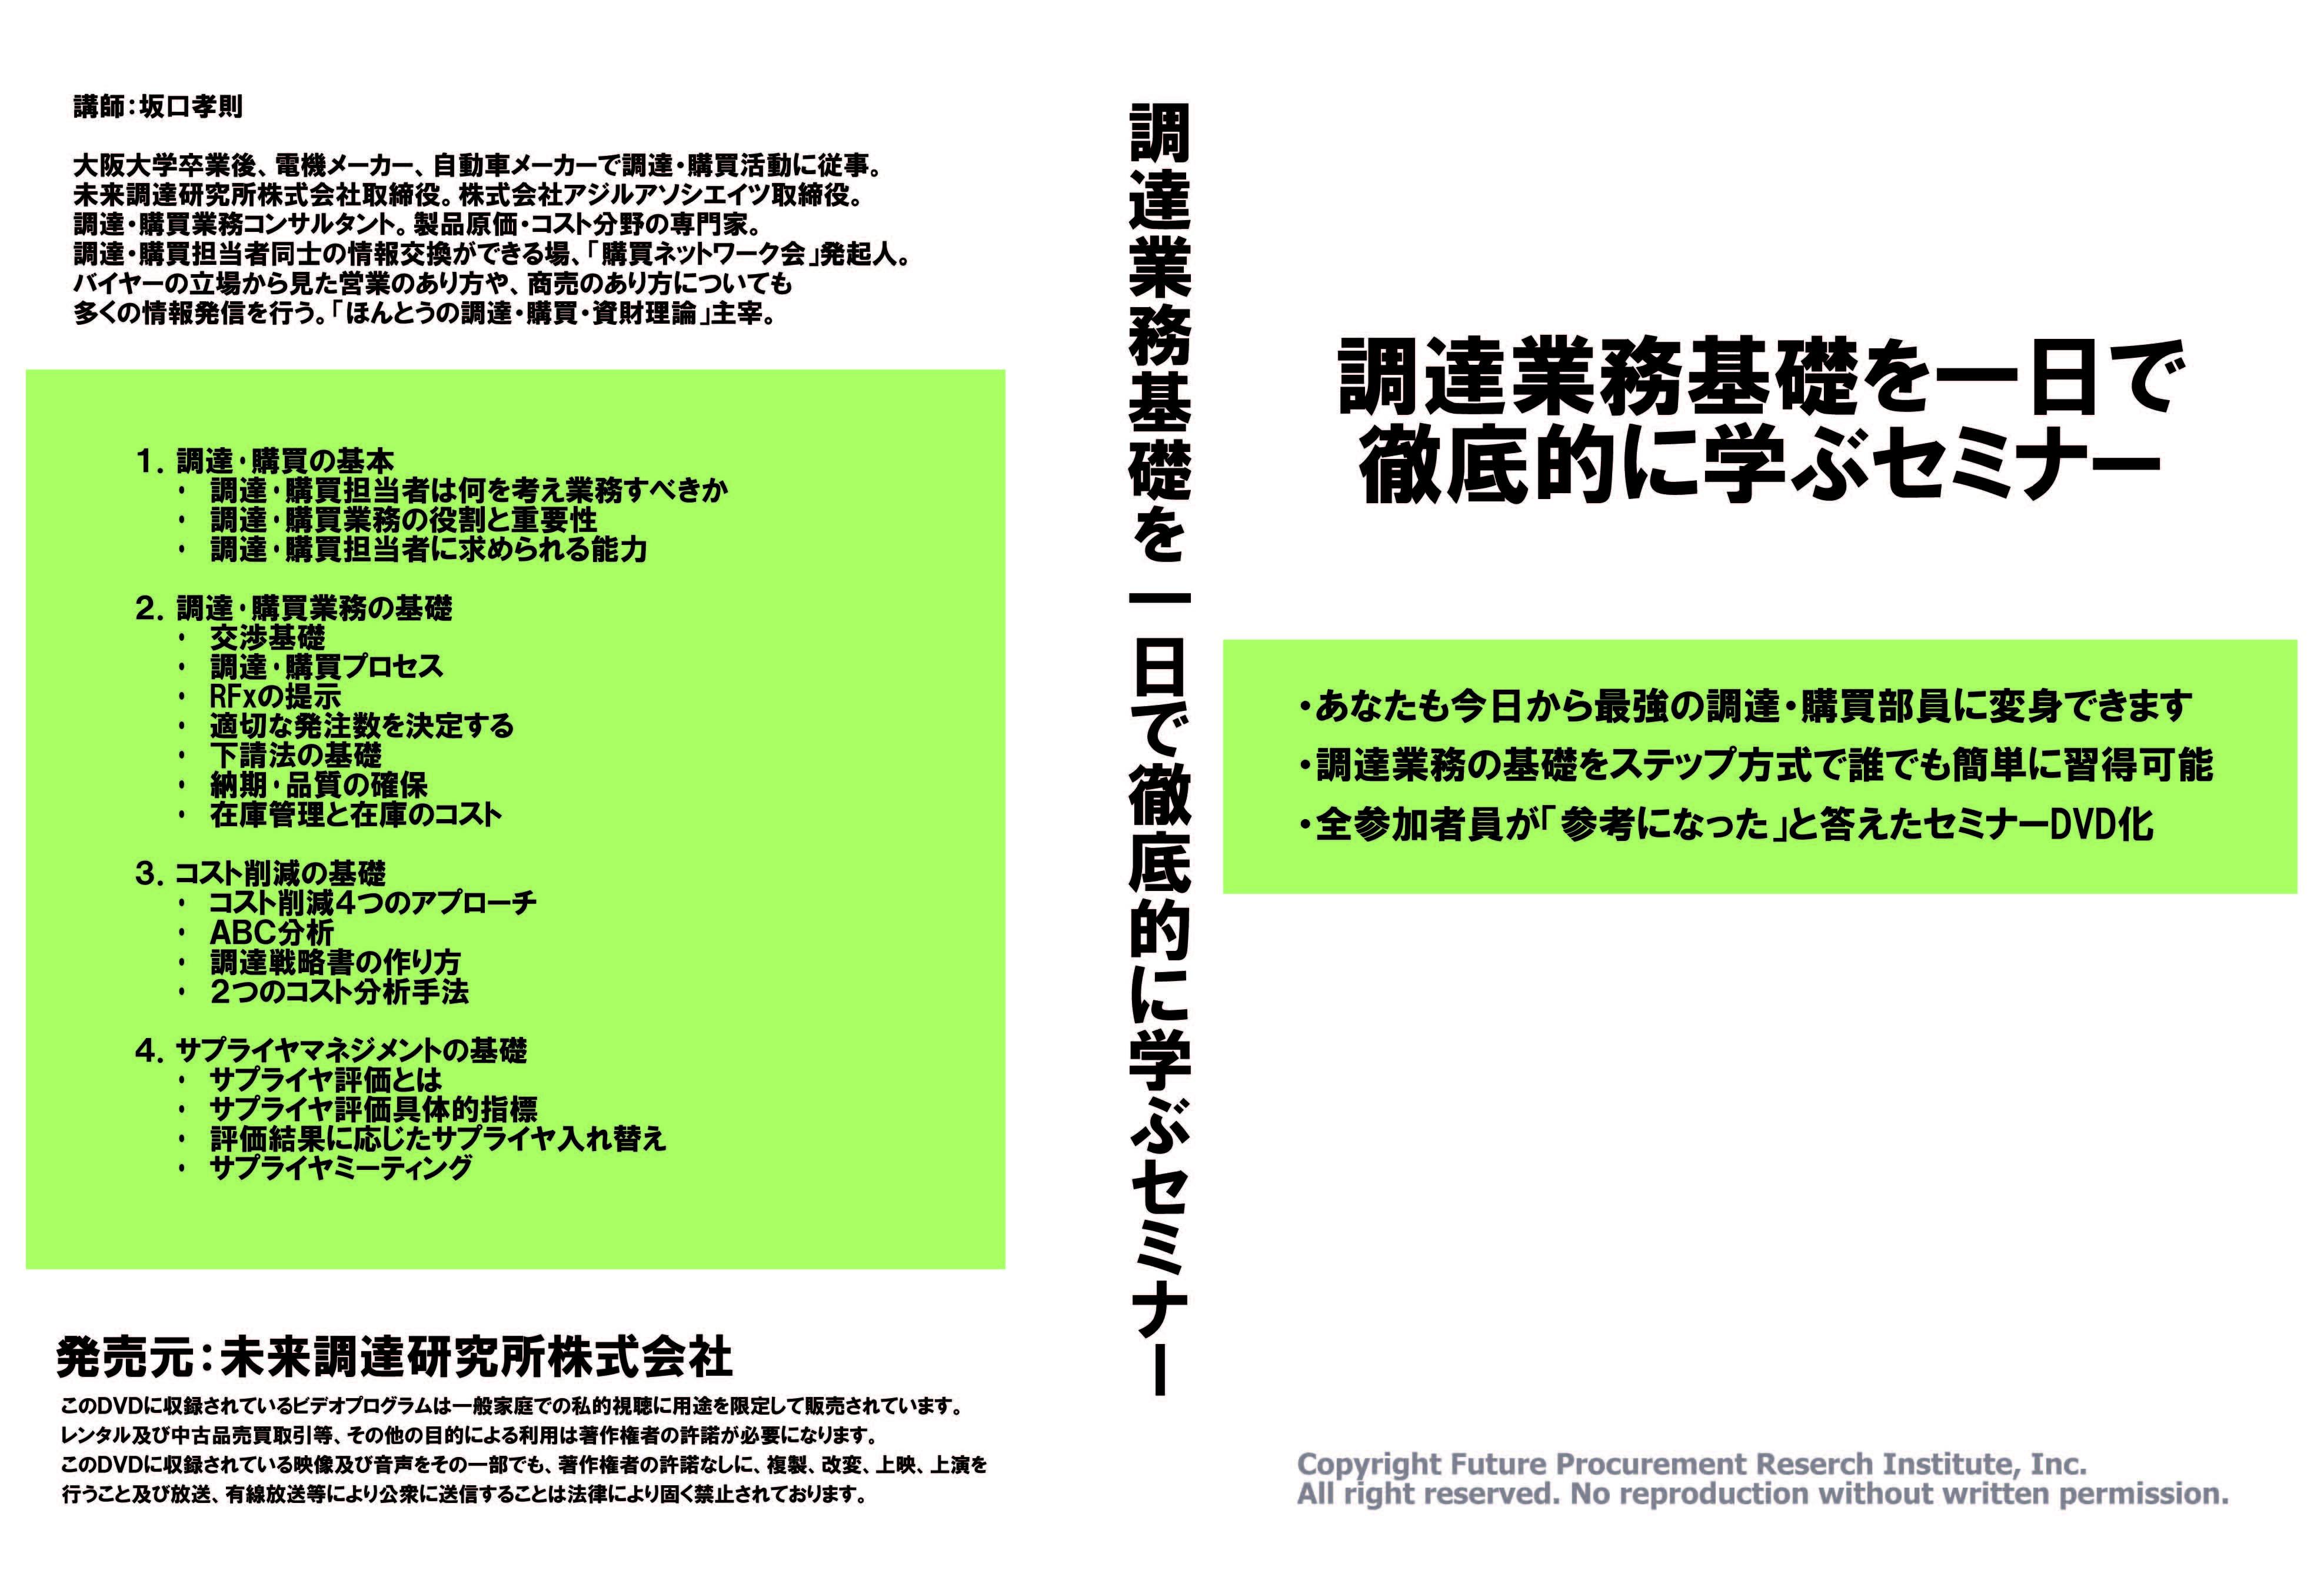 DVD全3巻セット「調達業務基礎を一日で徹底的に学ぶセミナー」(DVD+テキスト+ツールの生ファイル)